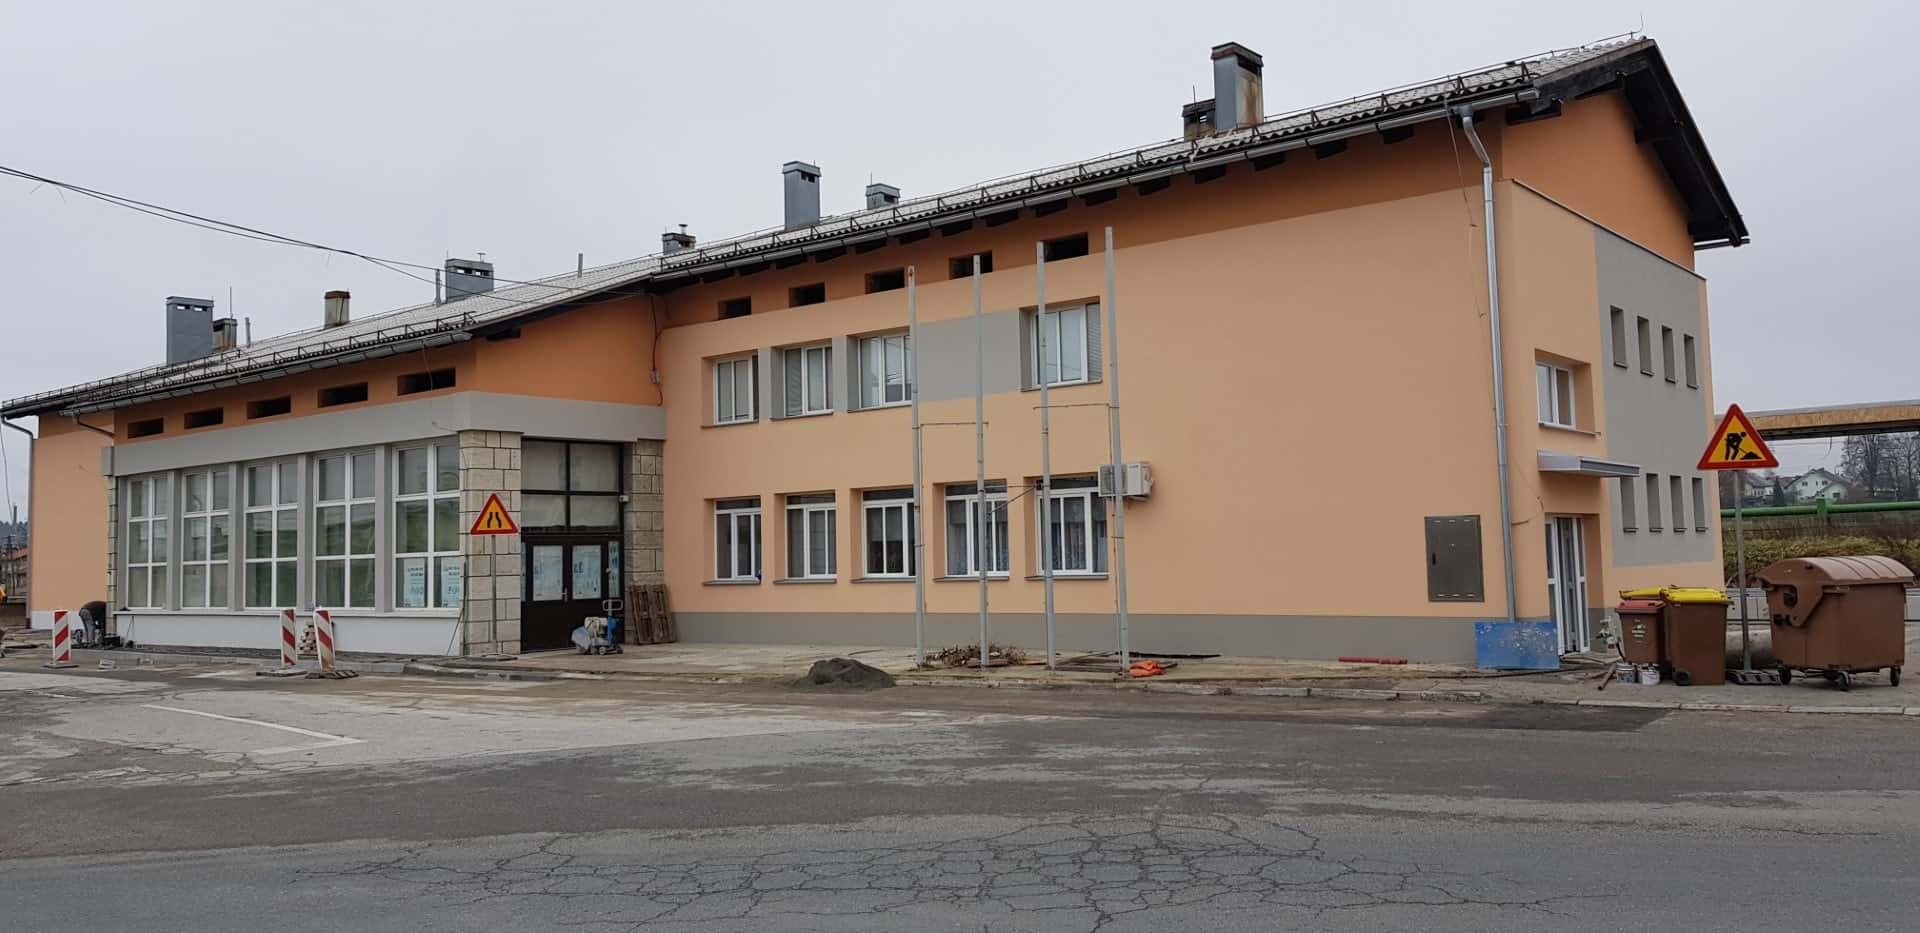 Permal doo reference Zelezniska postaja dobropolje ribnica kocevje -5 2019 iMode d.o.o. (Large)